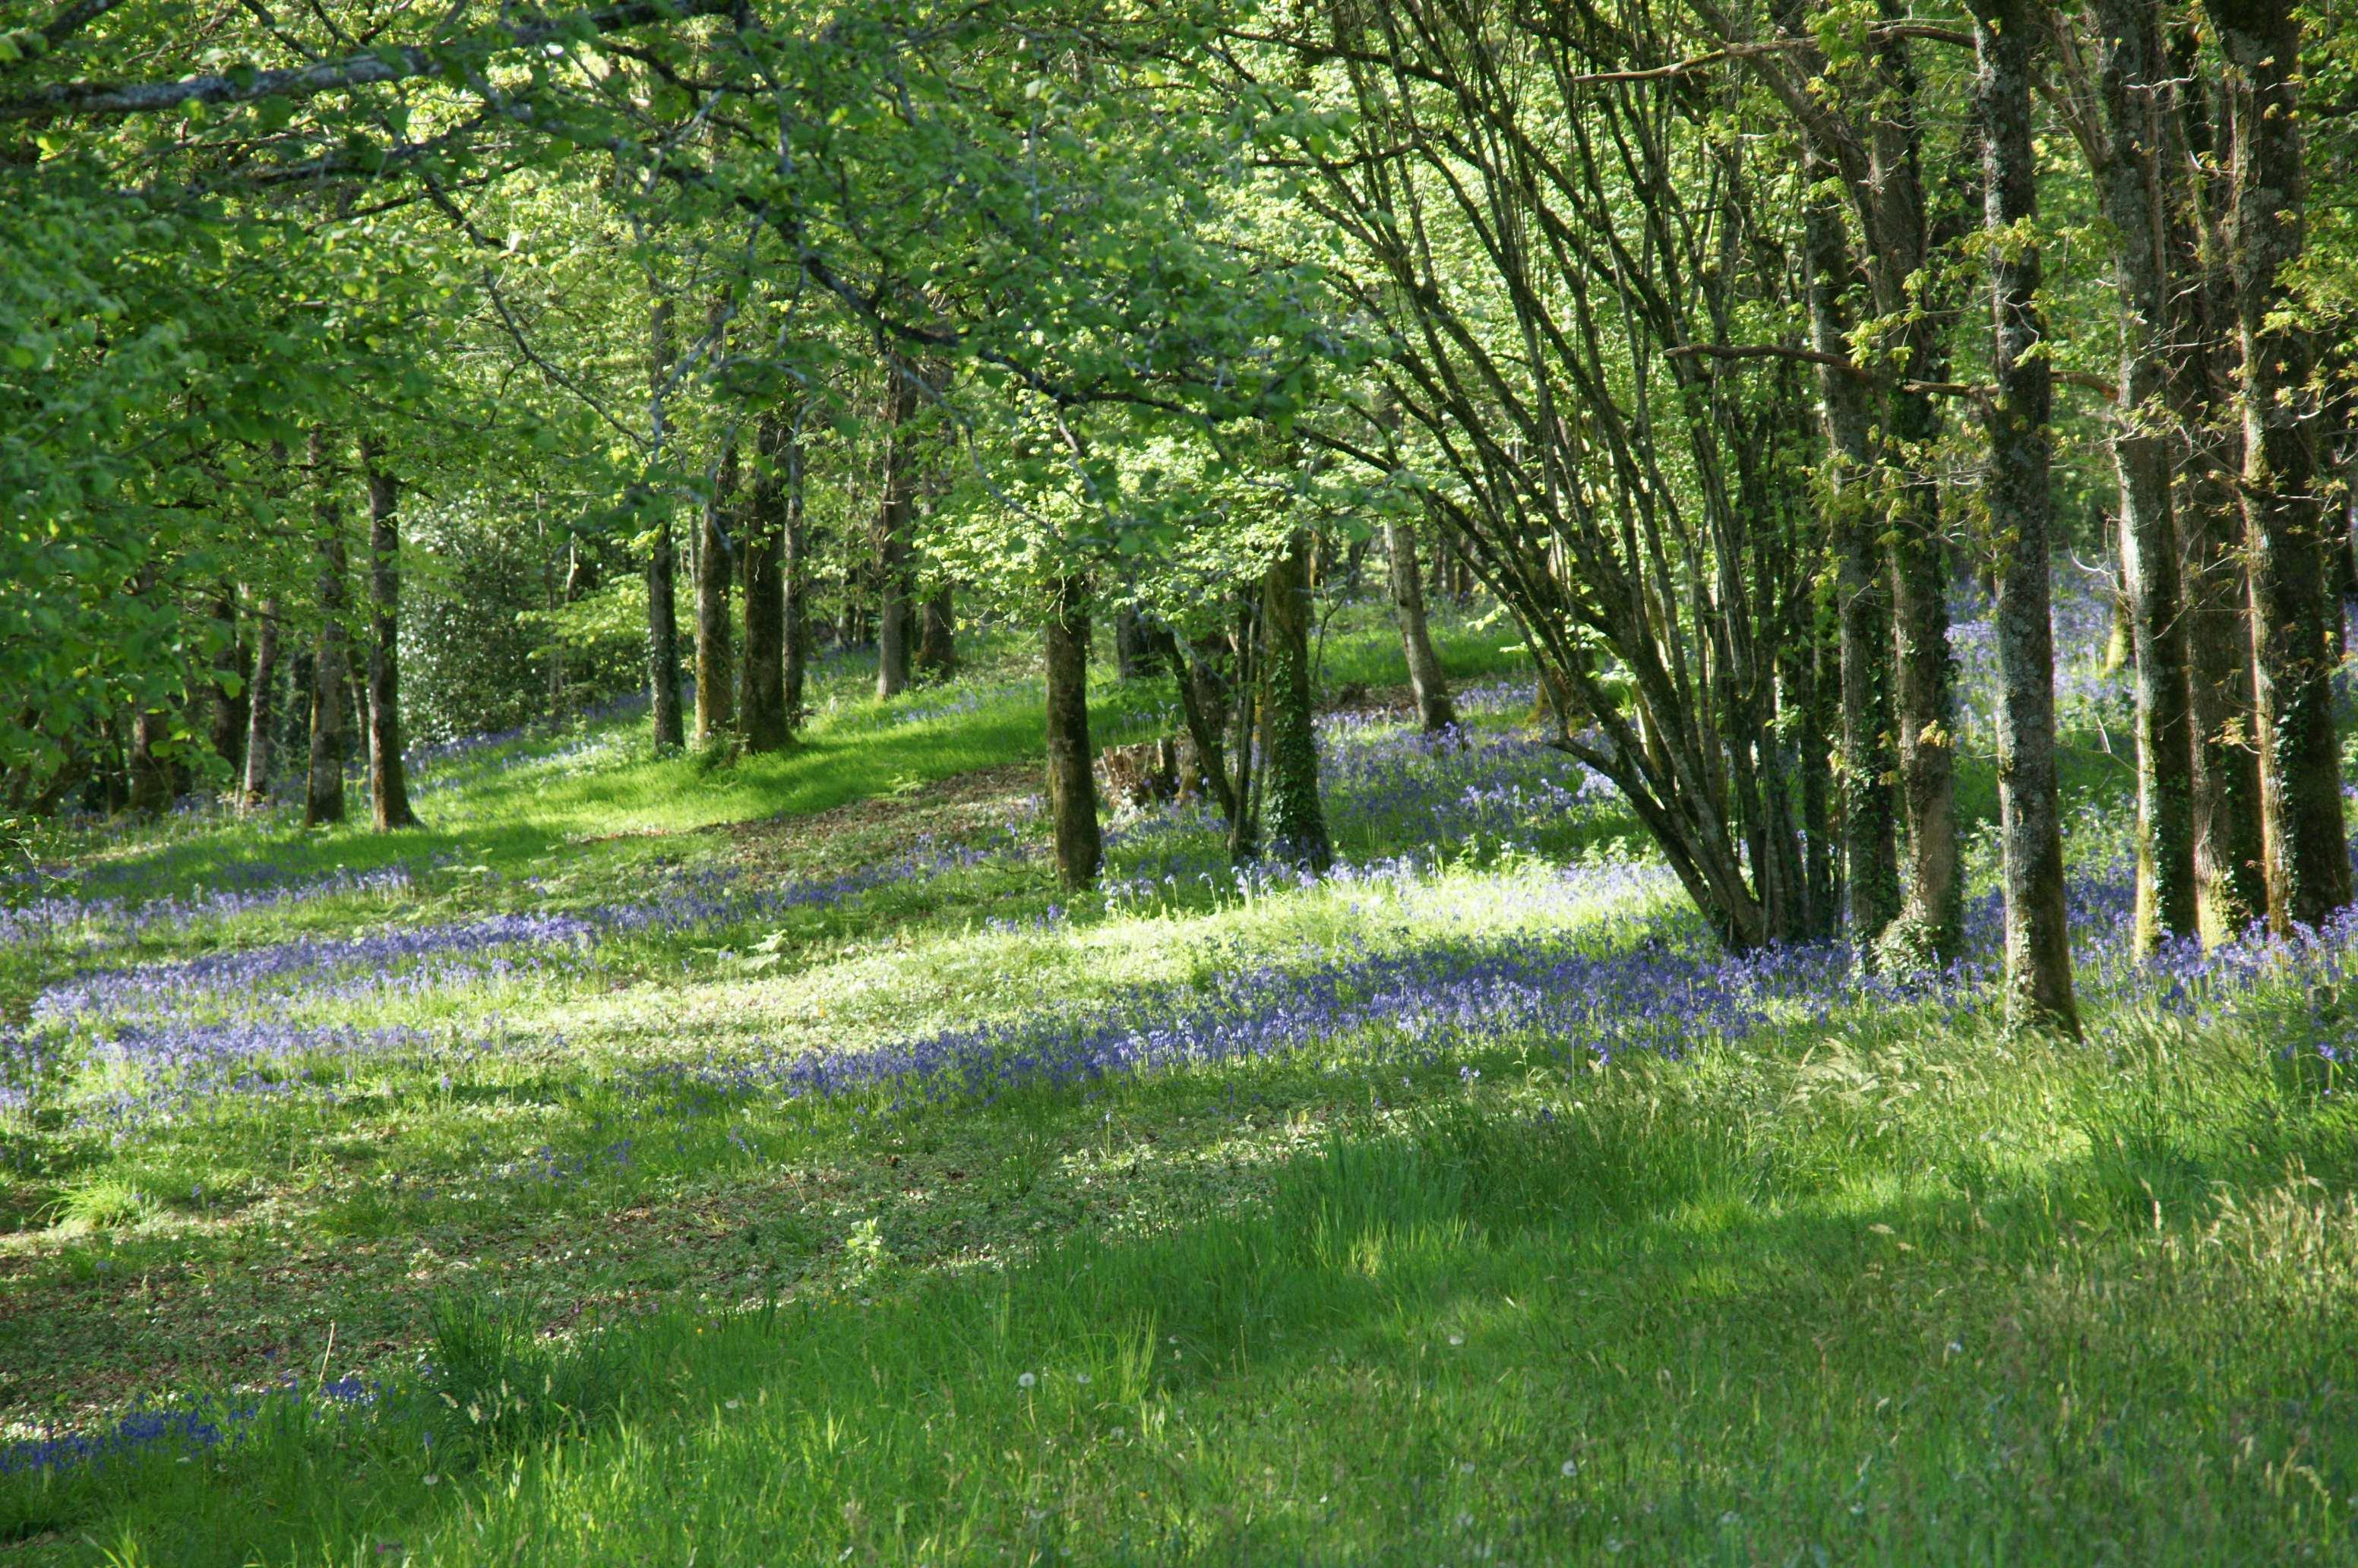 Der Wald unseres ASPAS-Schutzgebiets im Frühling